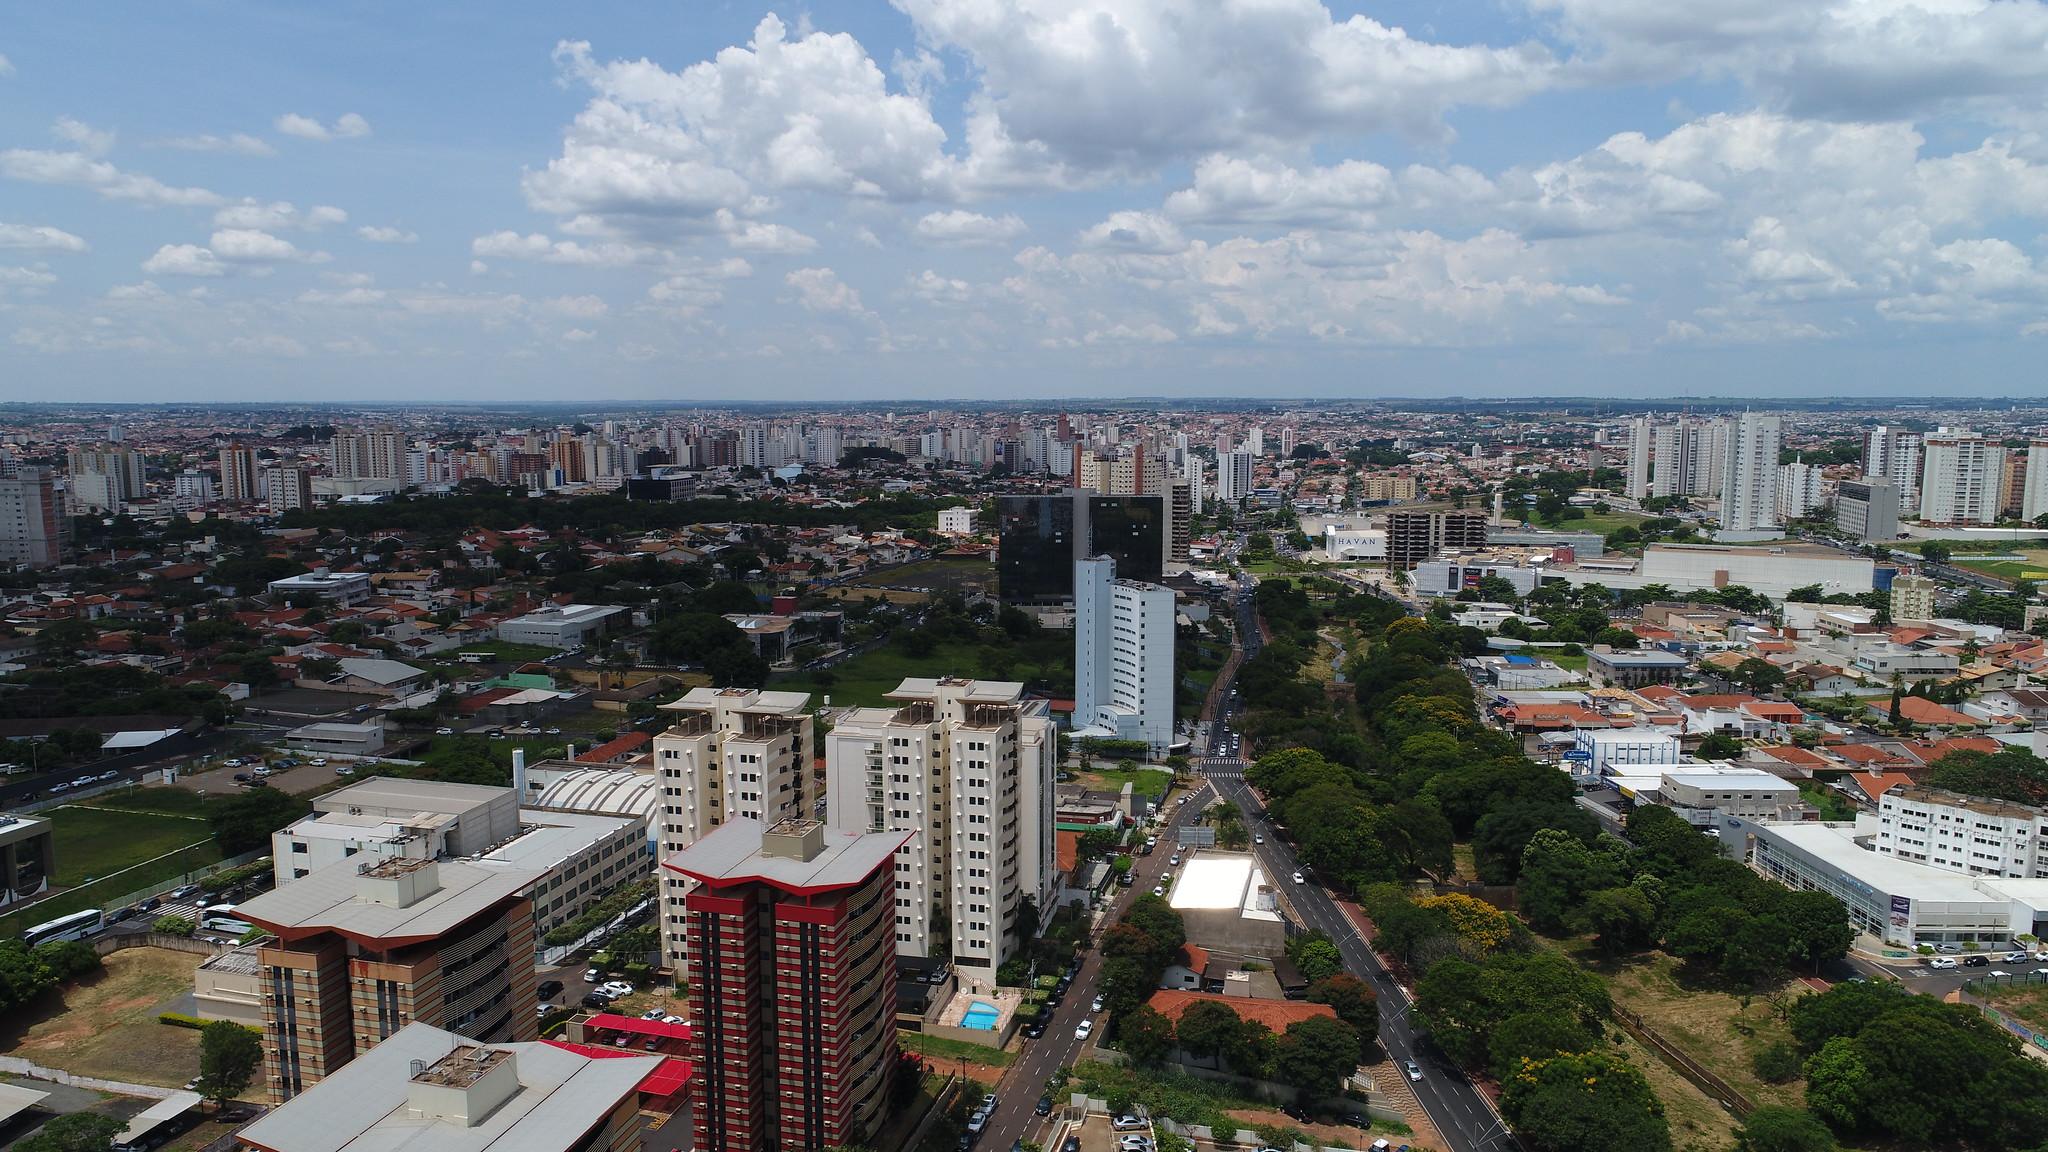 IMAGEM: Covid-19: São José do Rio Preto fará lockdown a partir de quarta